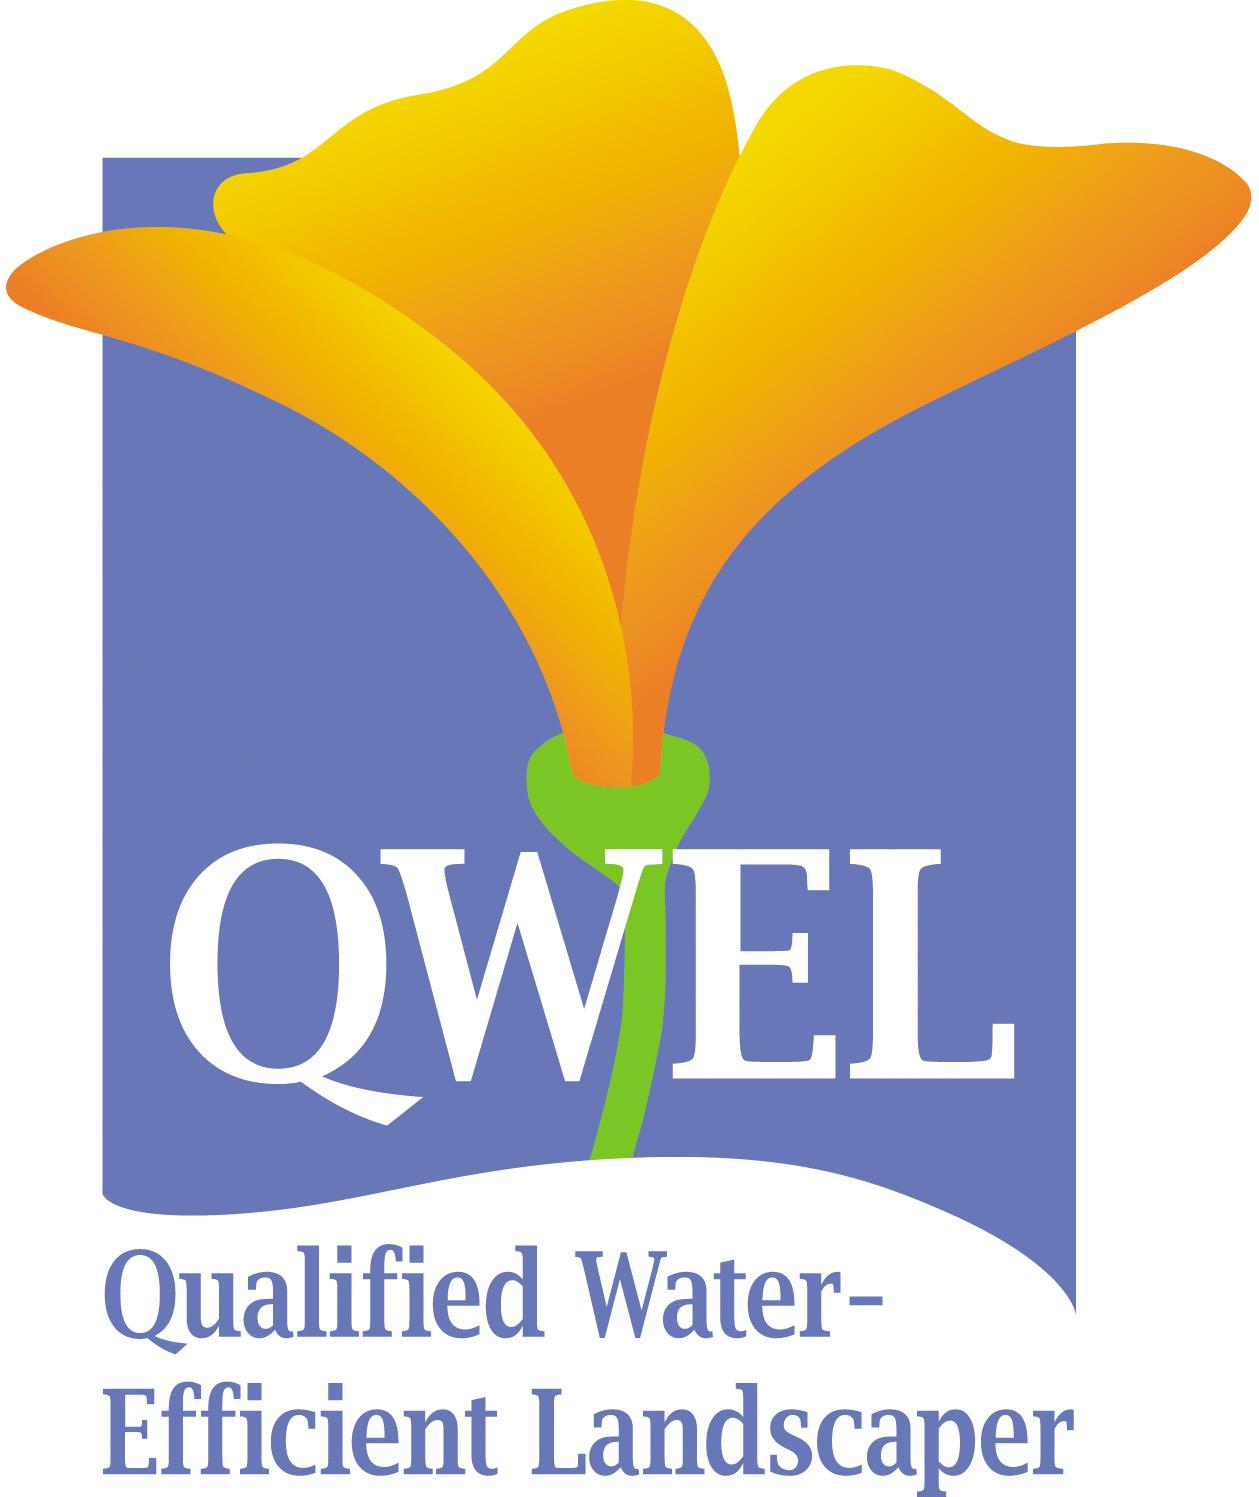 Qualified_Water_Efficient_Landscaper_logo